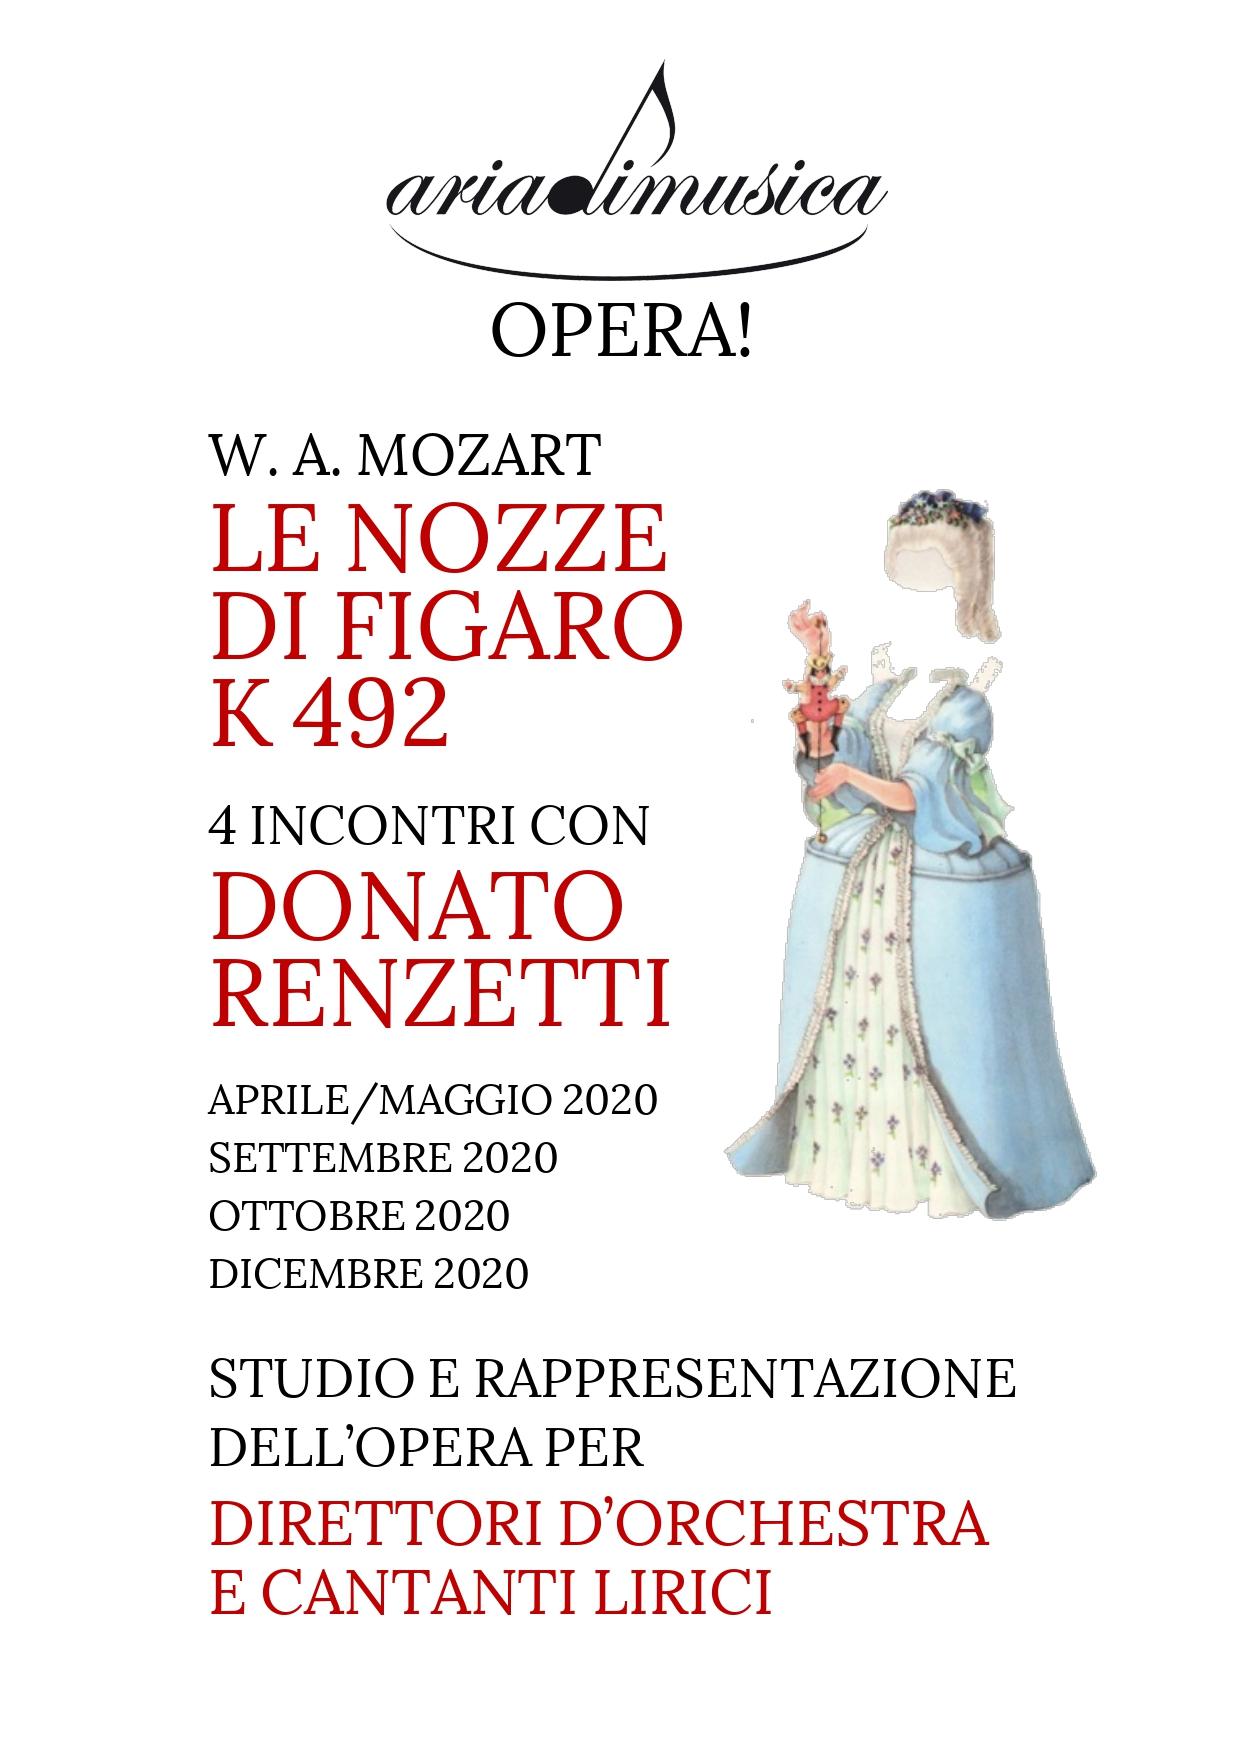 Preselezione cantanti lirici progetto Opera! Le Nozze di Figaro con il M⁰ Donato Renzetti